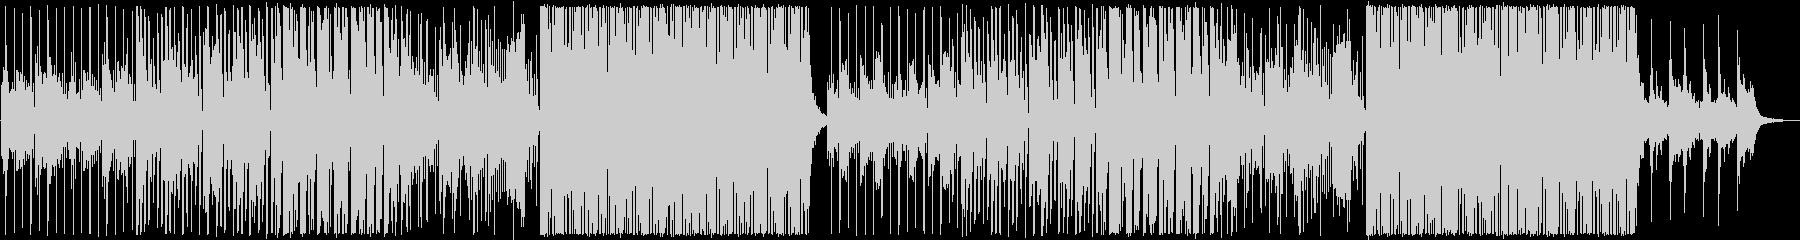 フルートの音色が心地いい前向きなBGMの未再生の波形